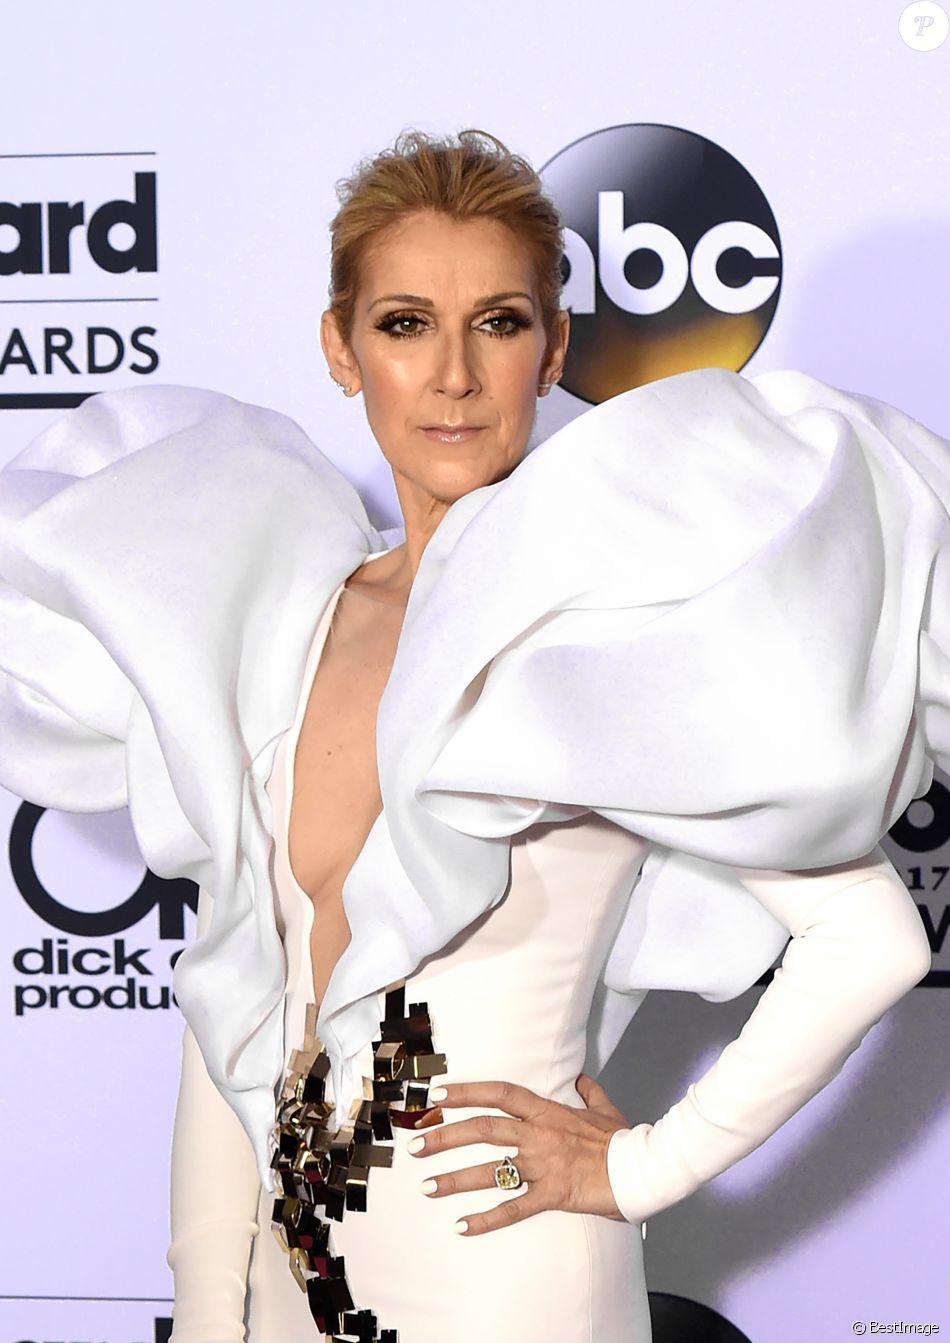 Celine Dion à la soirée Billboard awards 2017 au T-Mobile Arena dans le Nevada, le 21 mai 2017 © Chris Delmas/Bestimage